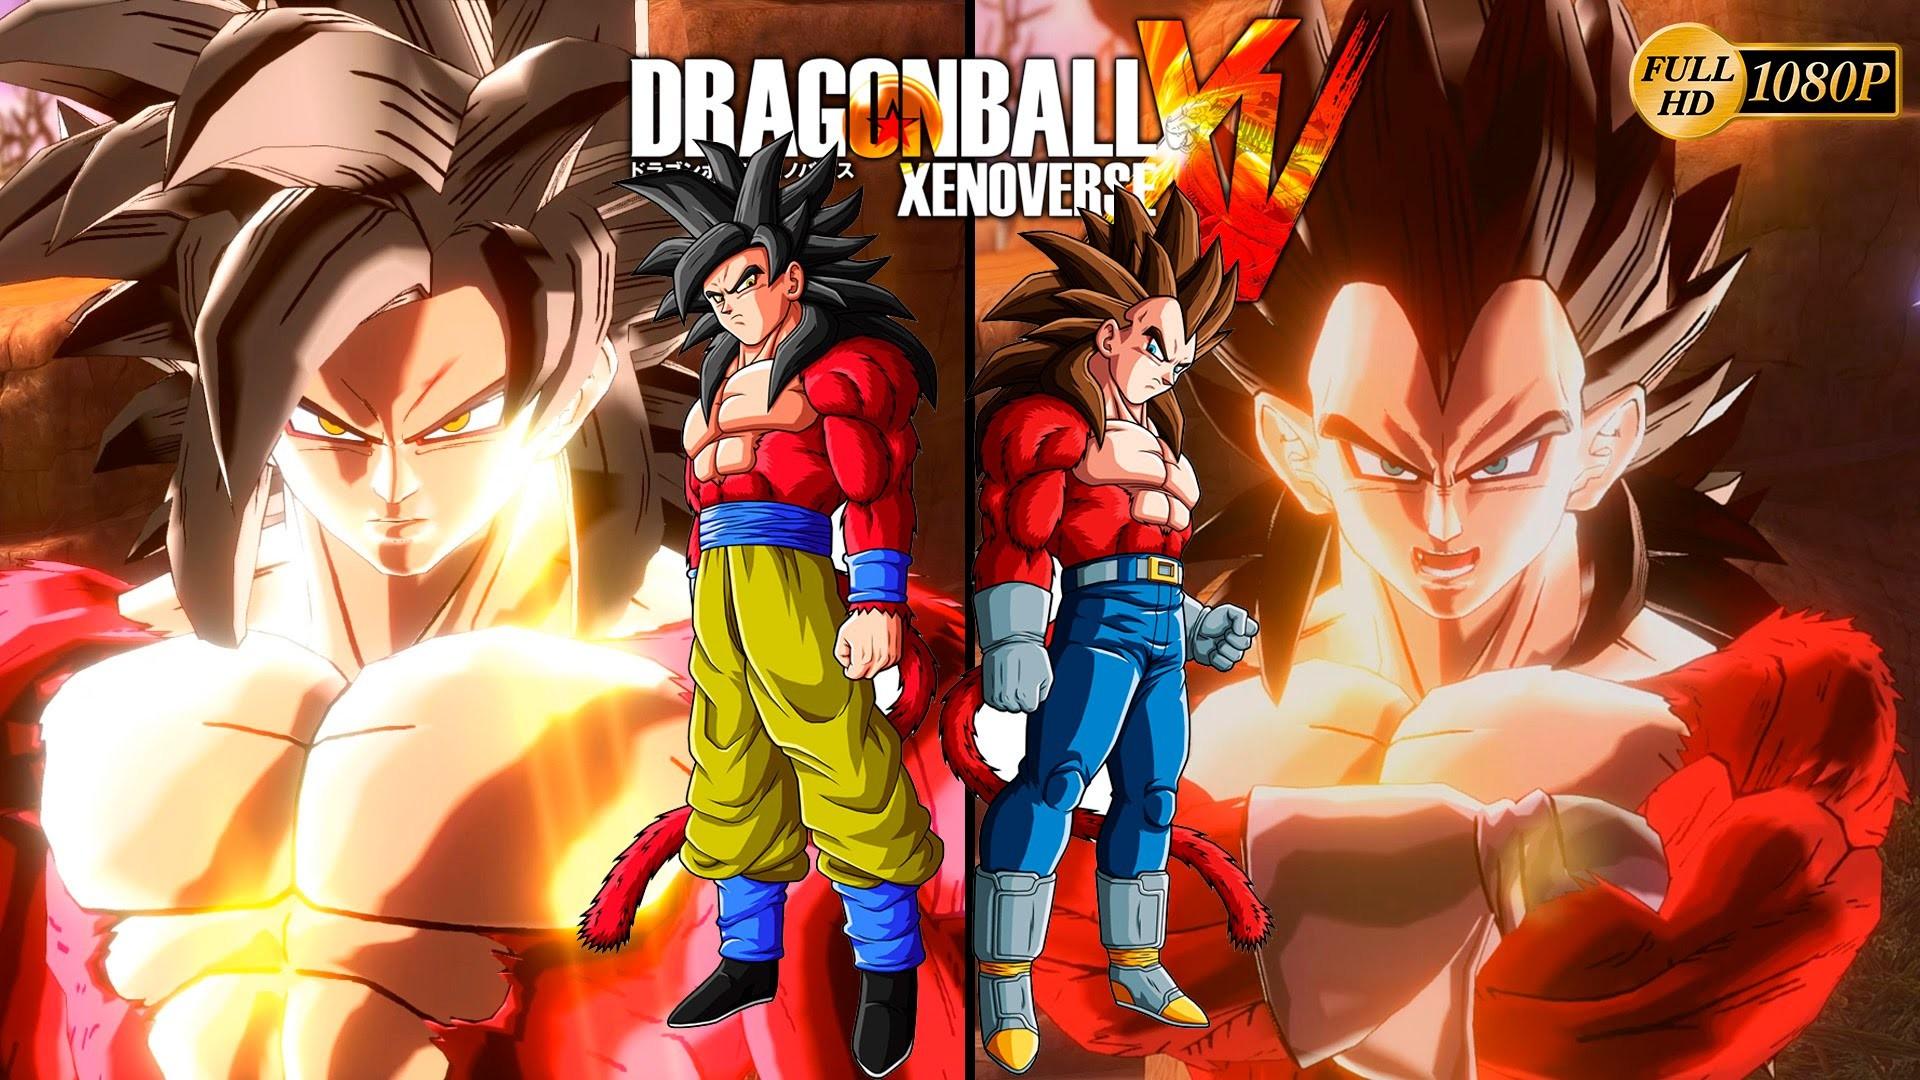 Dragon Ball Xenoverse – Super Saiyan 4 Vegeta ssj4 vs Super Saiyan Goku  ssj4 Dragon Ball GT – YouTube